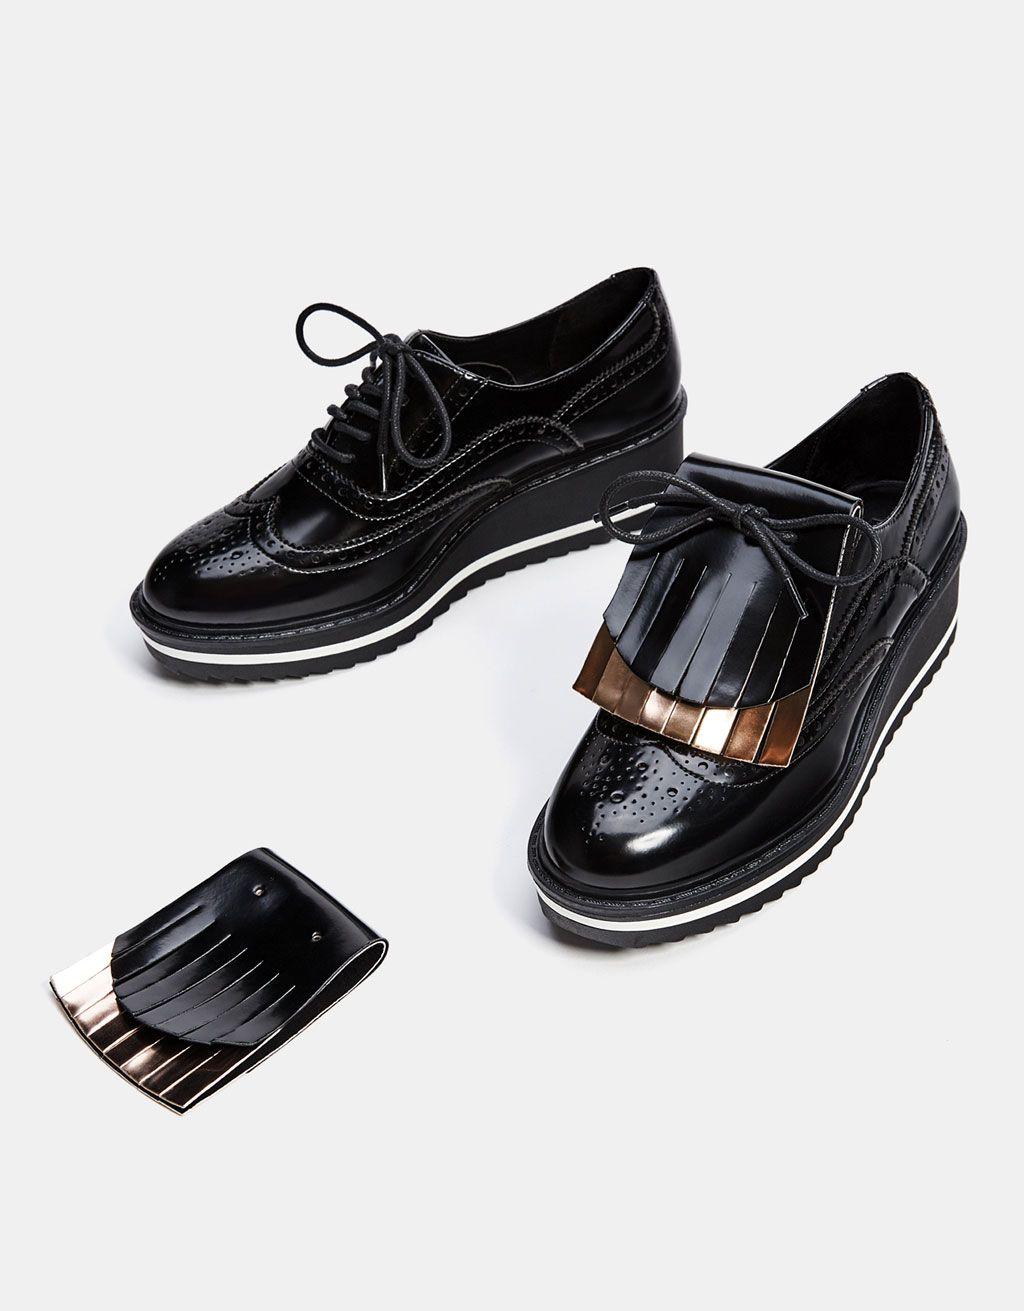 4783aef1079 Bershka España - Blucher picados con solapa intercambiable y extraíble  Zapatos Planos